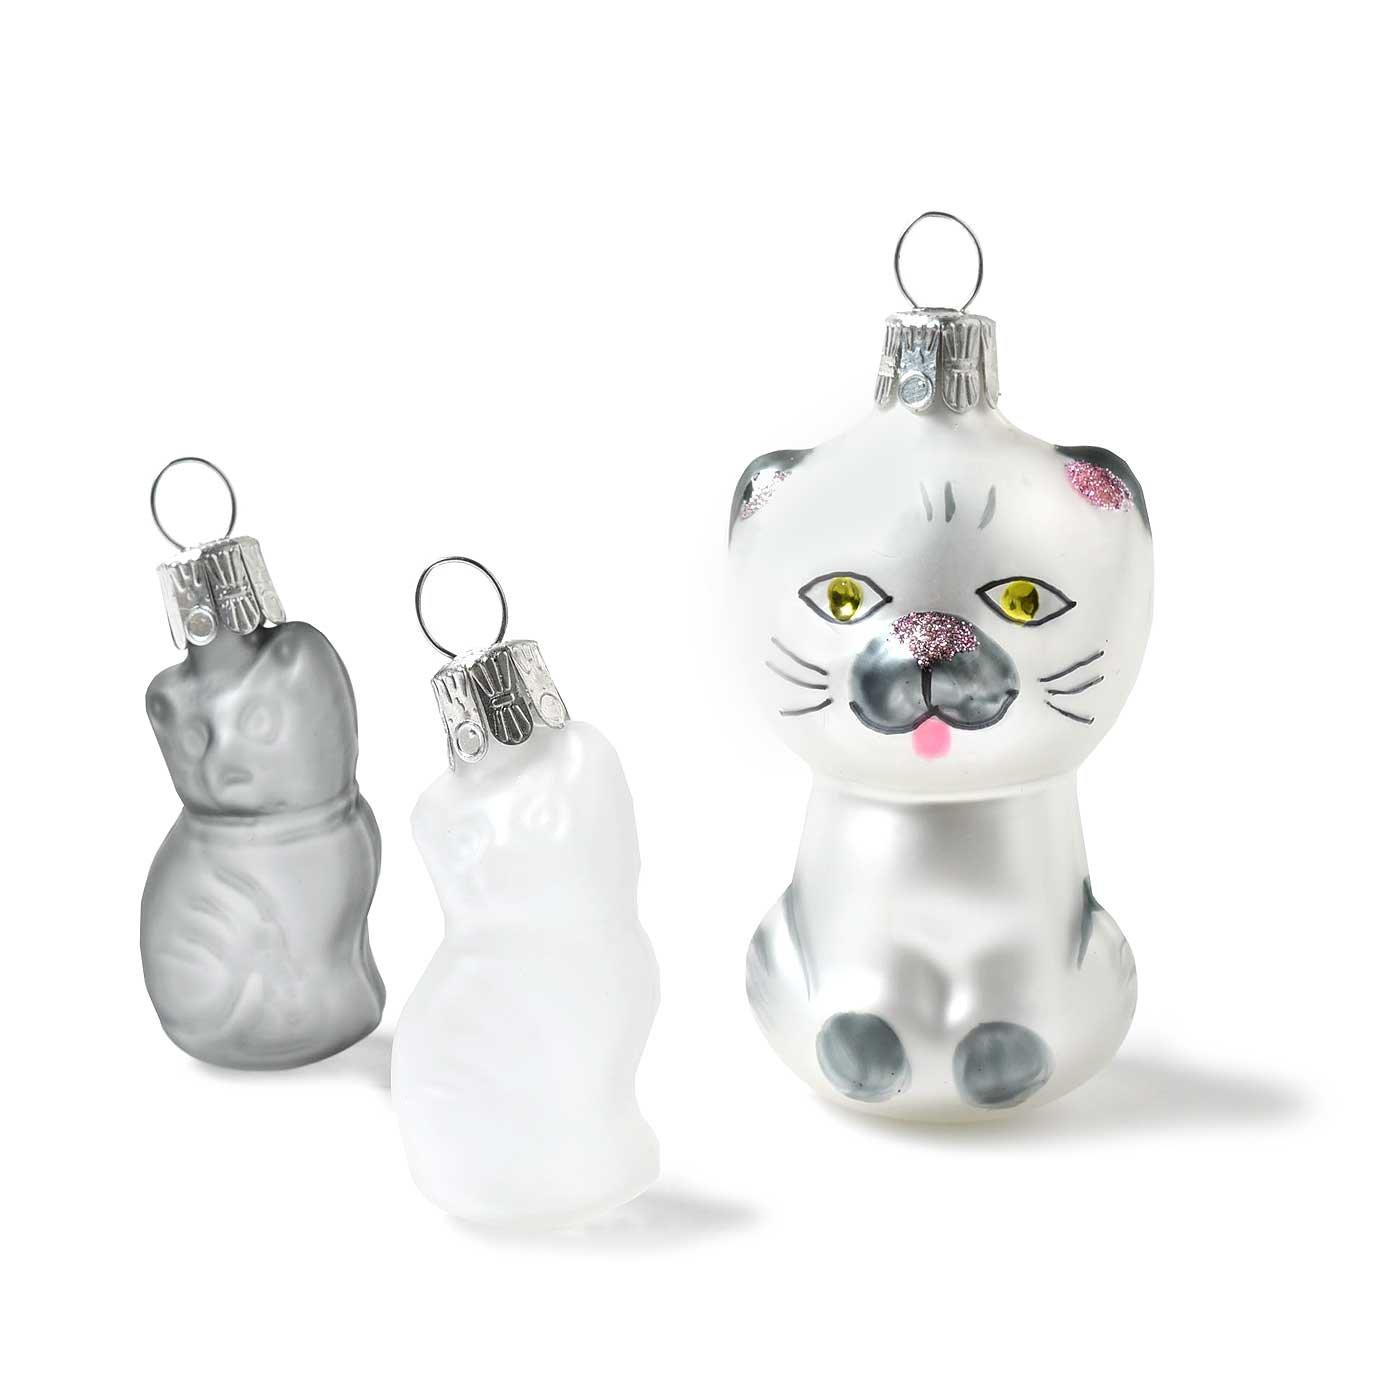 チェコからやってきた 猫まみれ雑貨コレクション〈ガラスのオーナメント〉